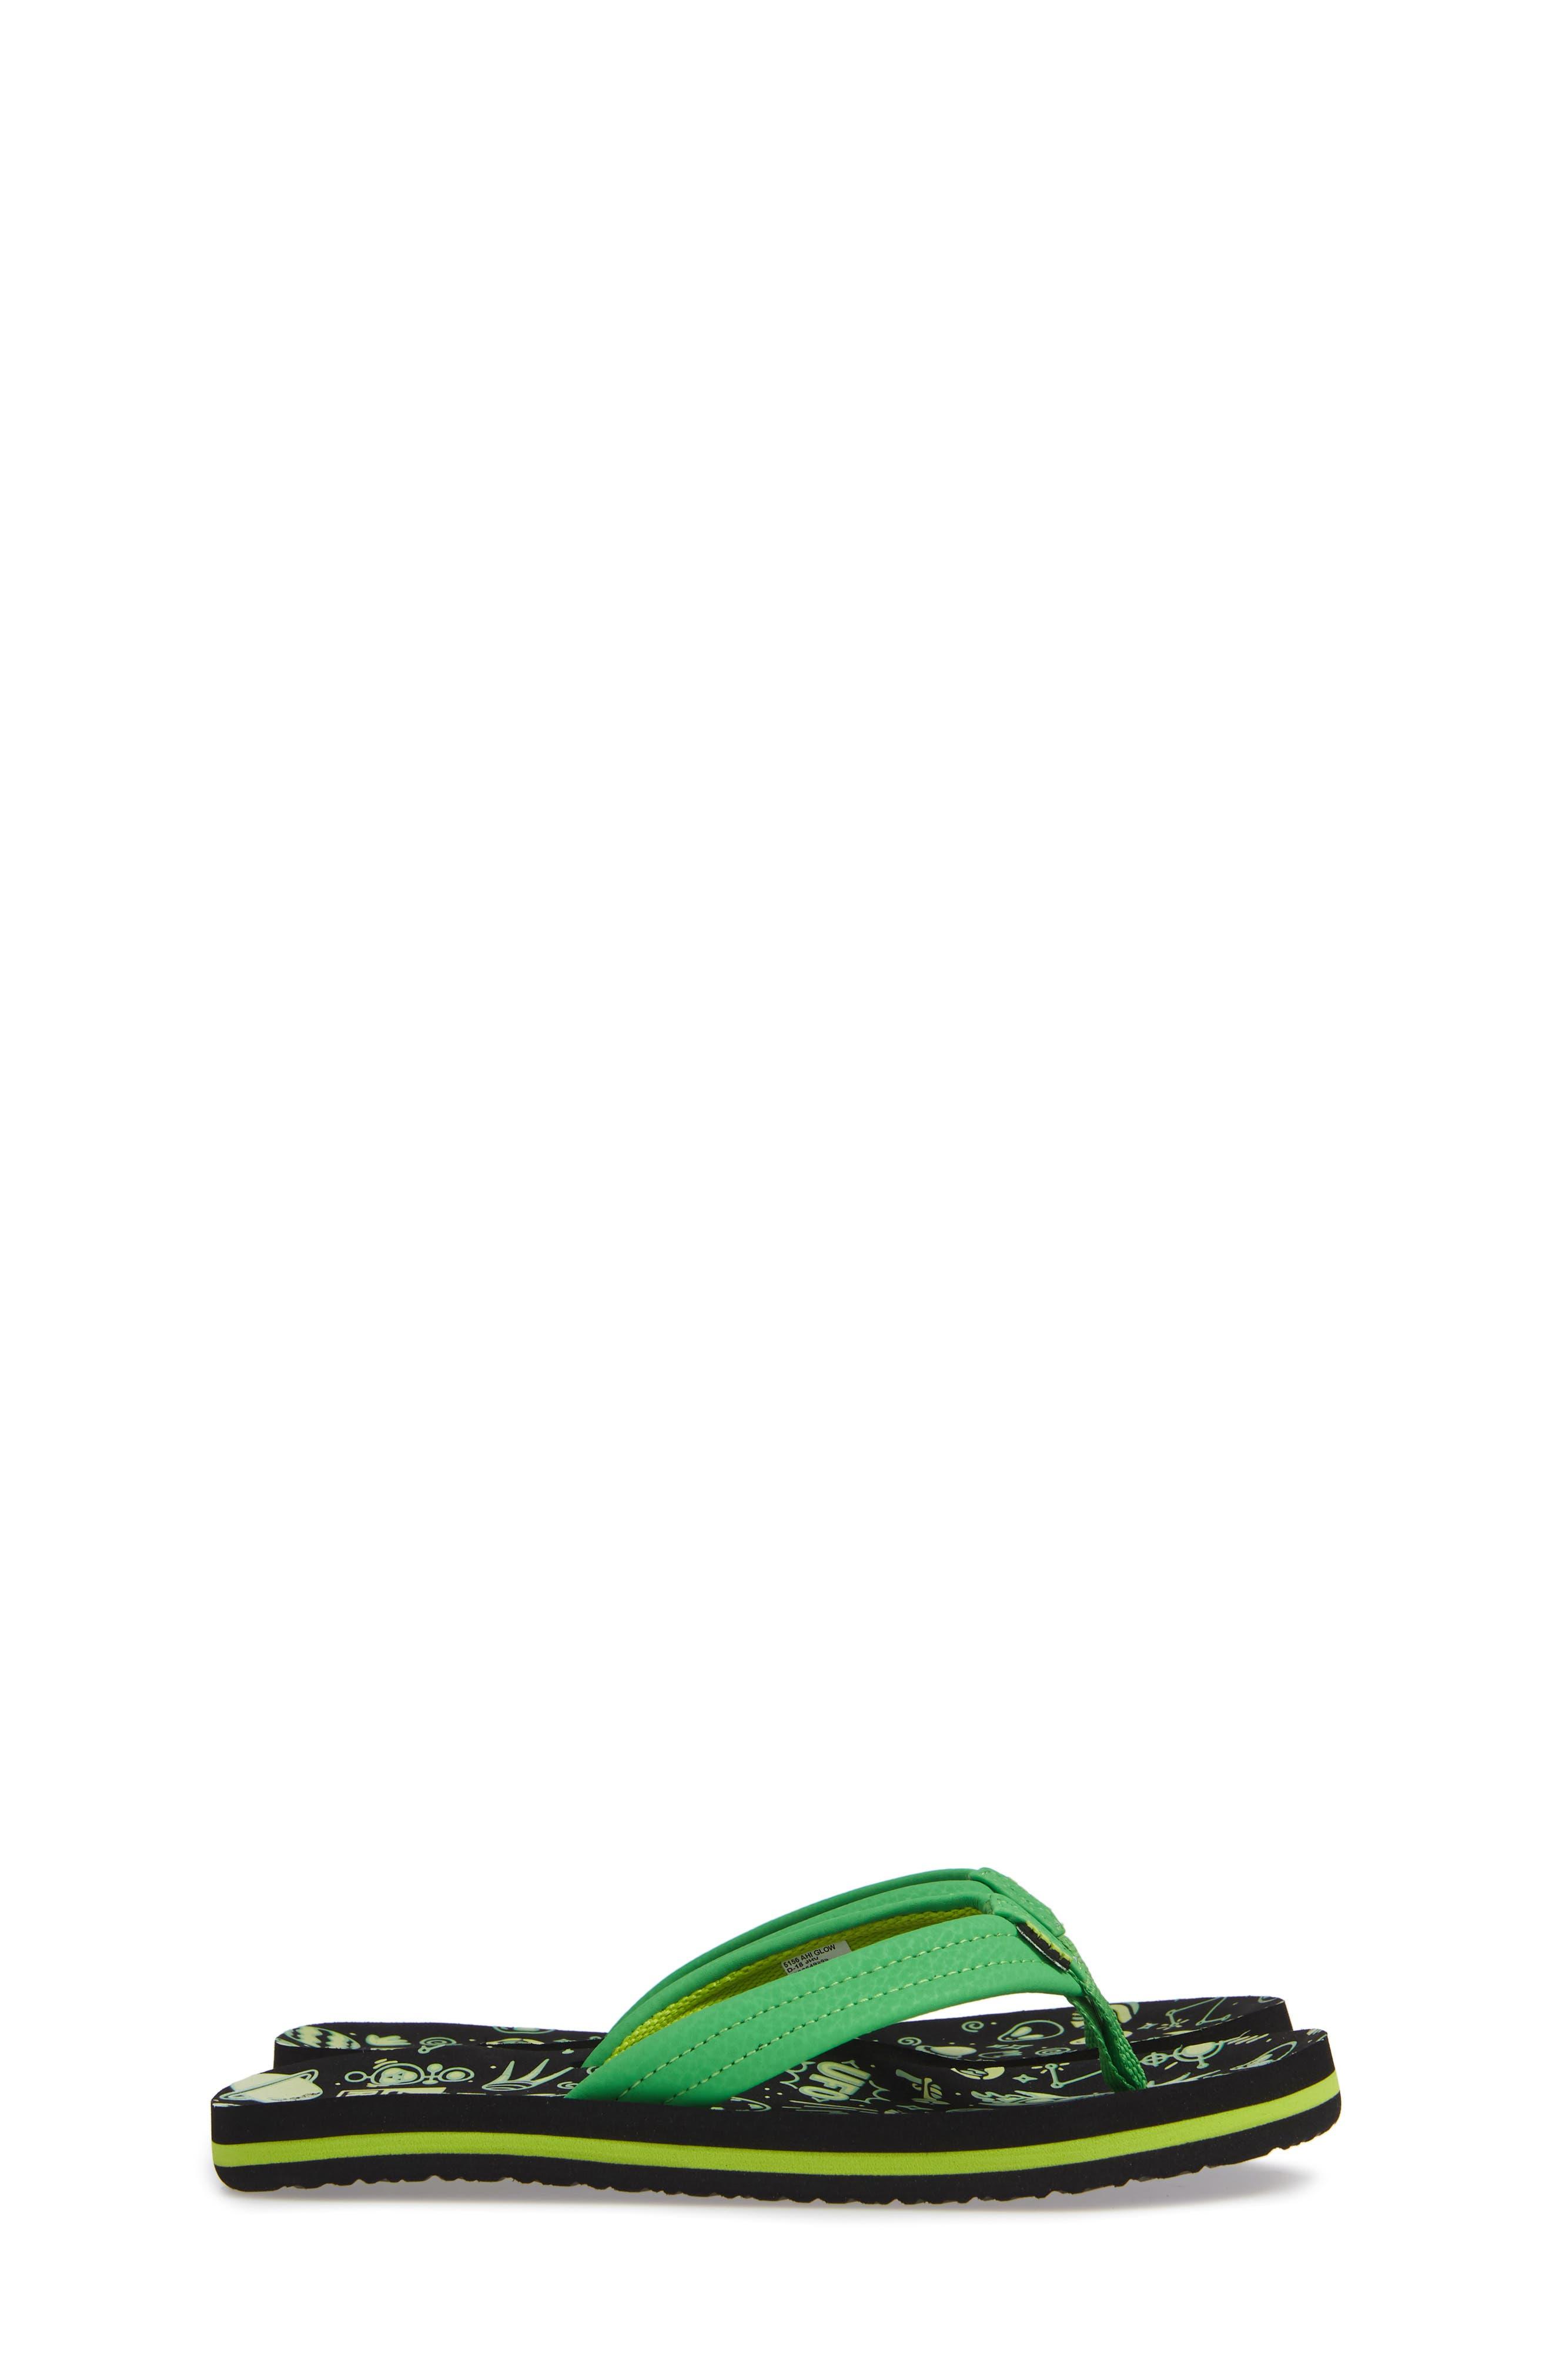 REEF, Ahi Glow in the Dark Flip Flop, Alternate thumbnail 4, color, GREEN